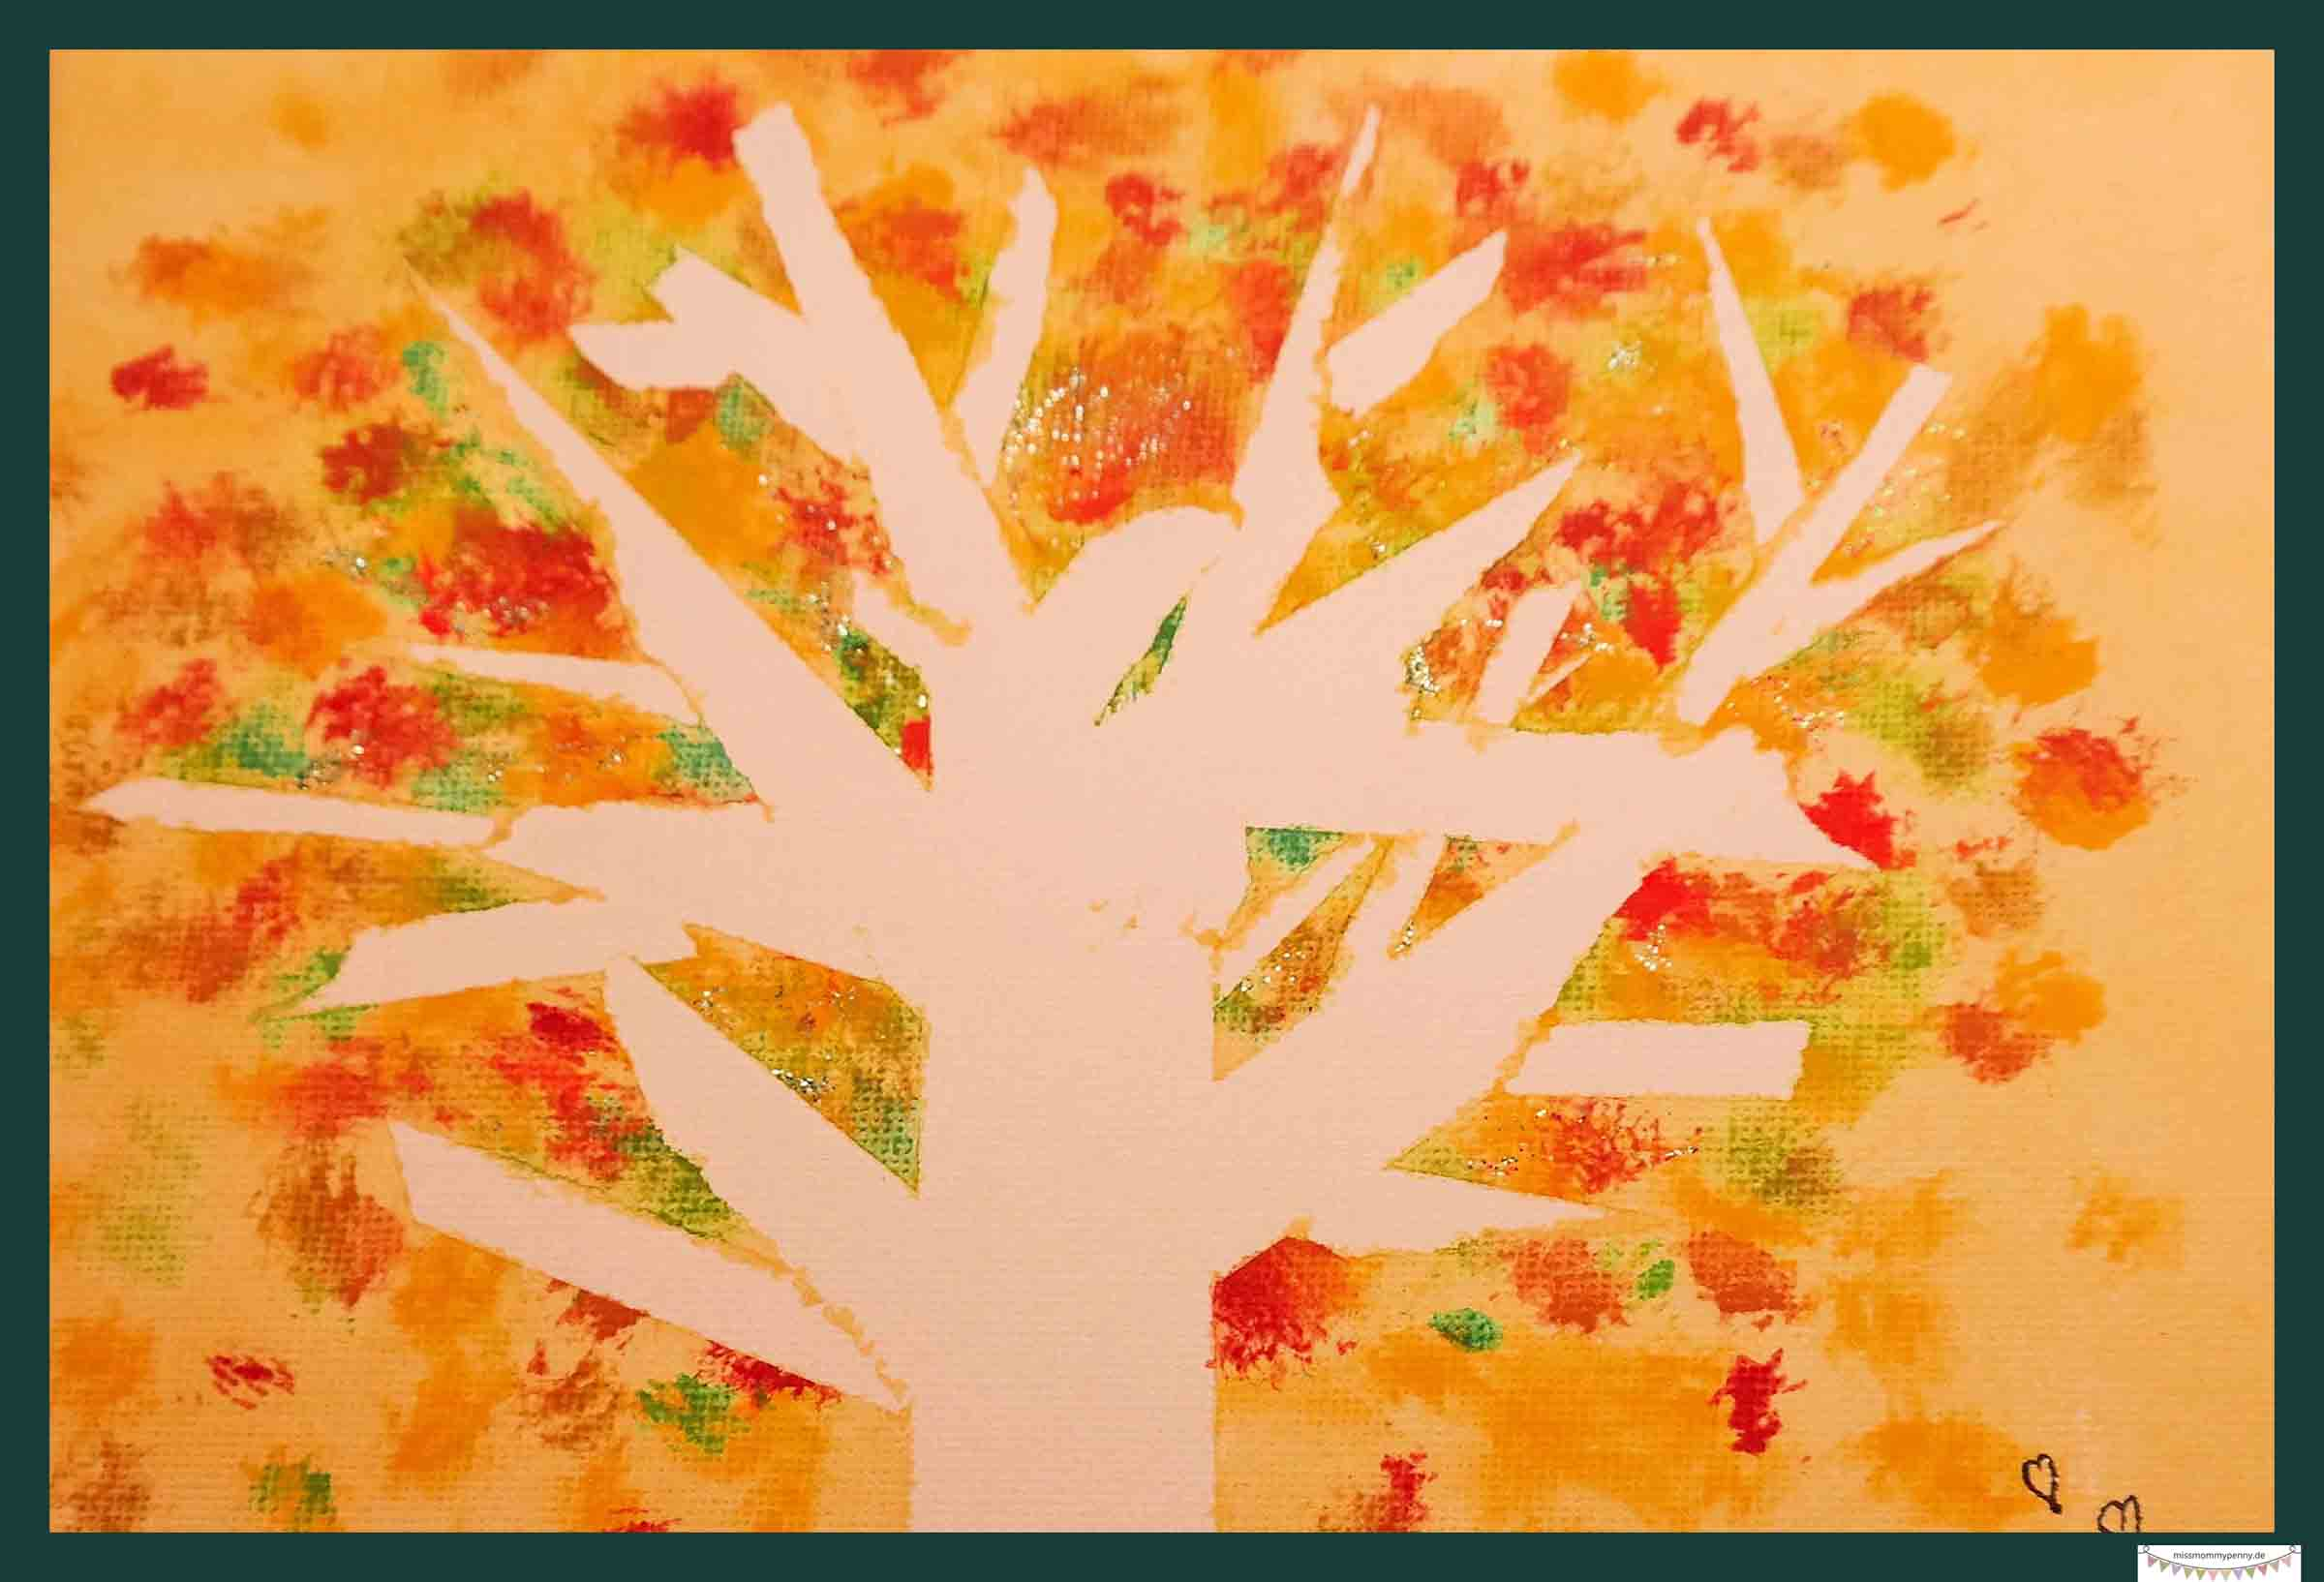 Herbstbild tuschen